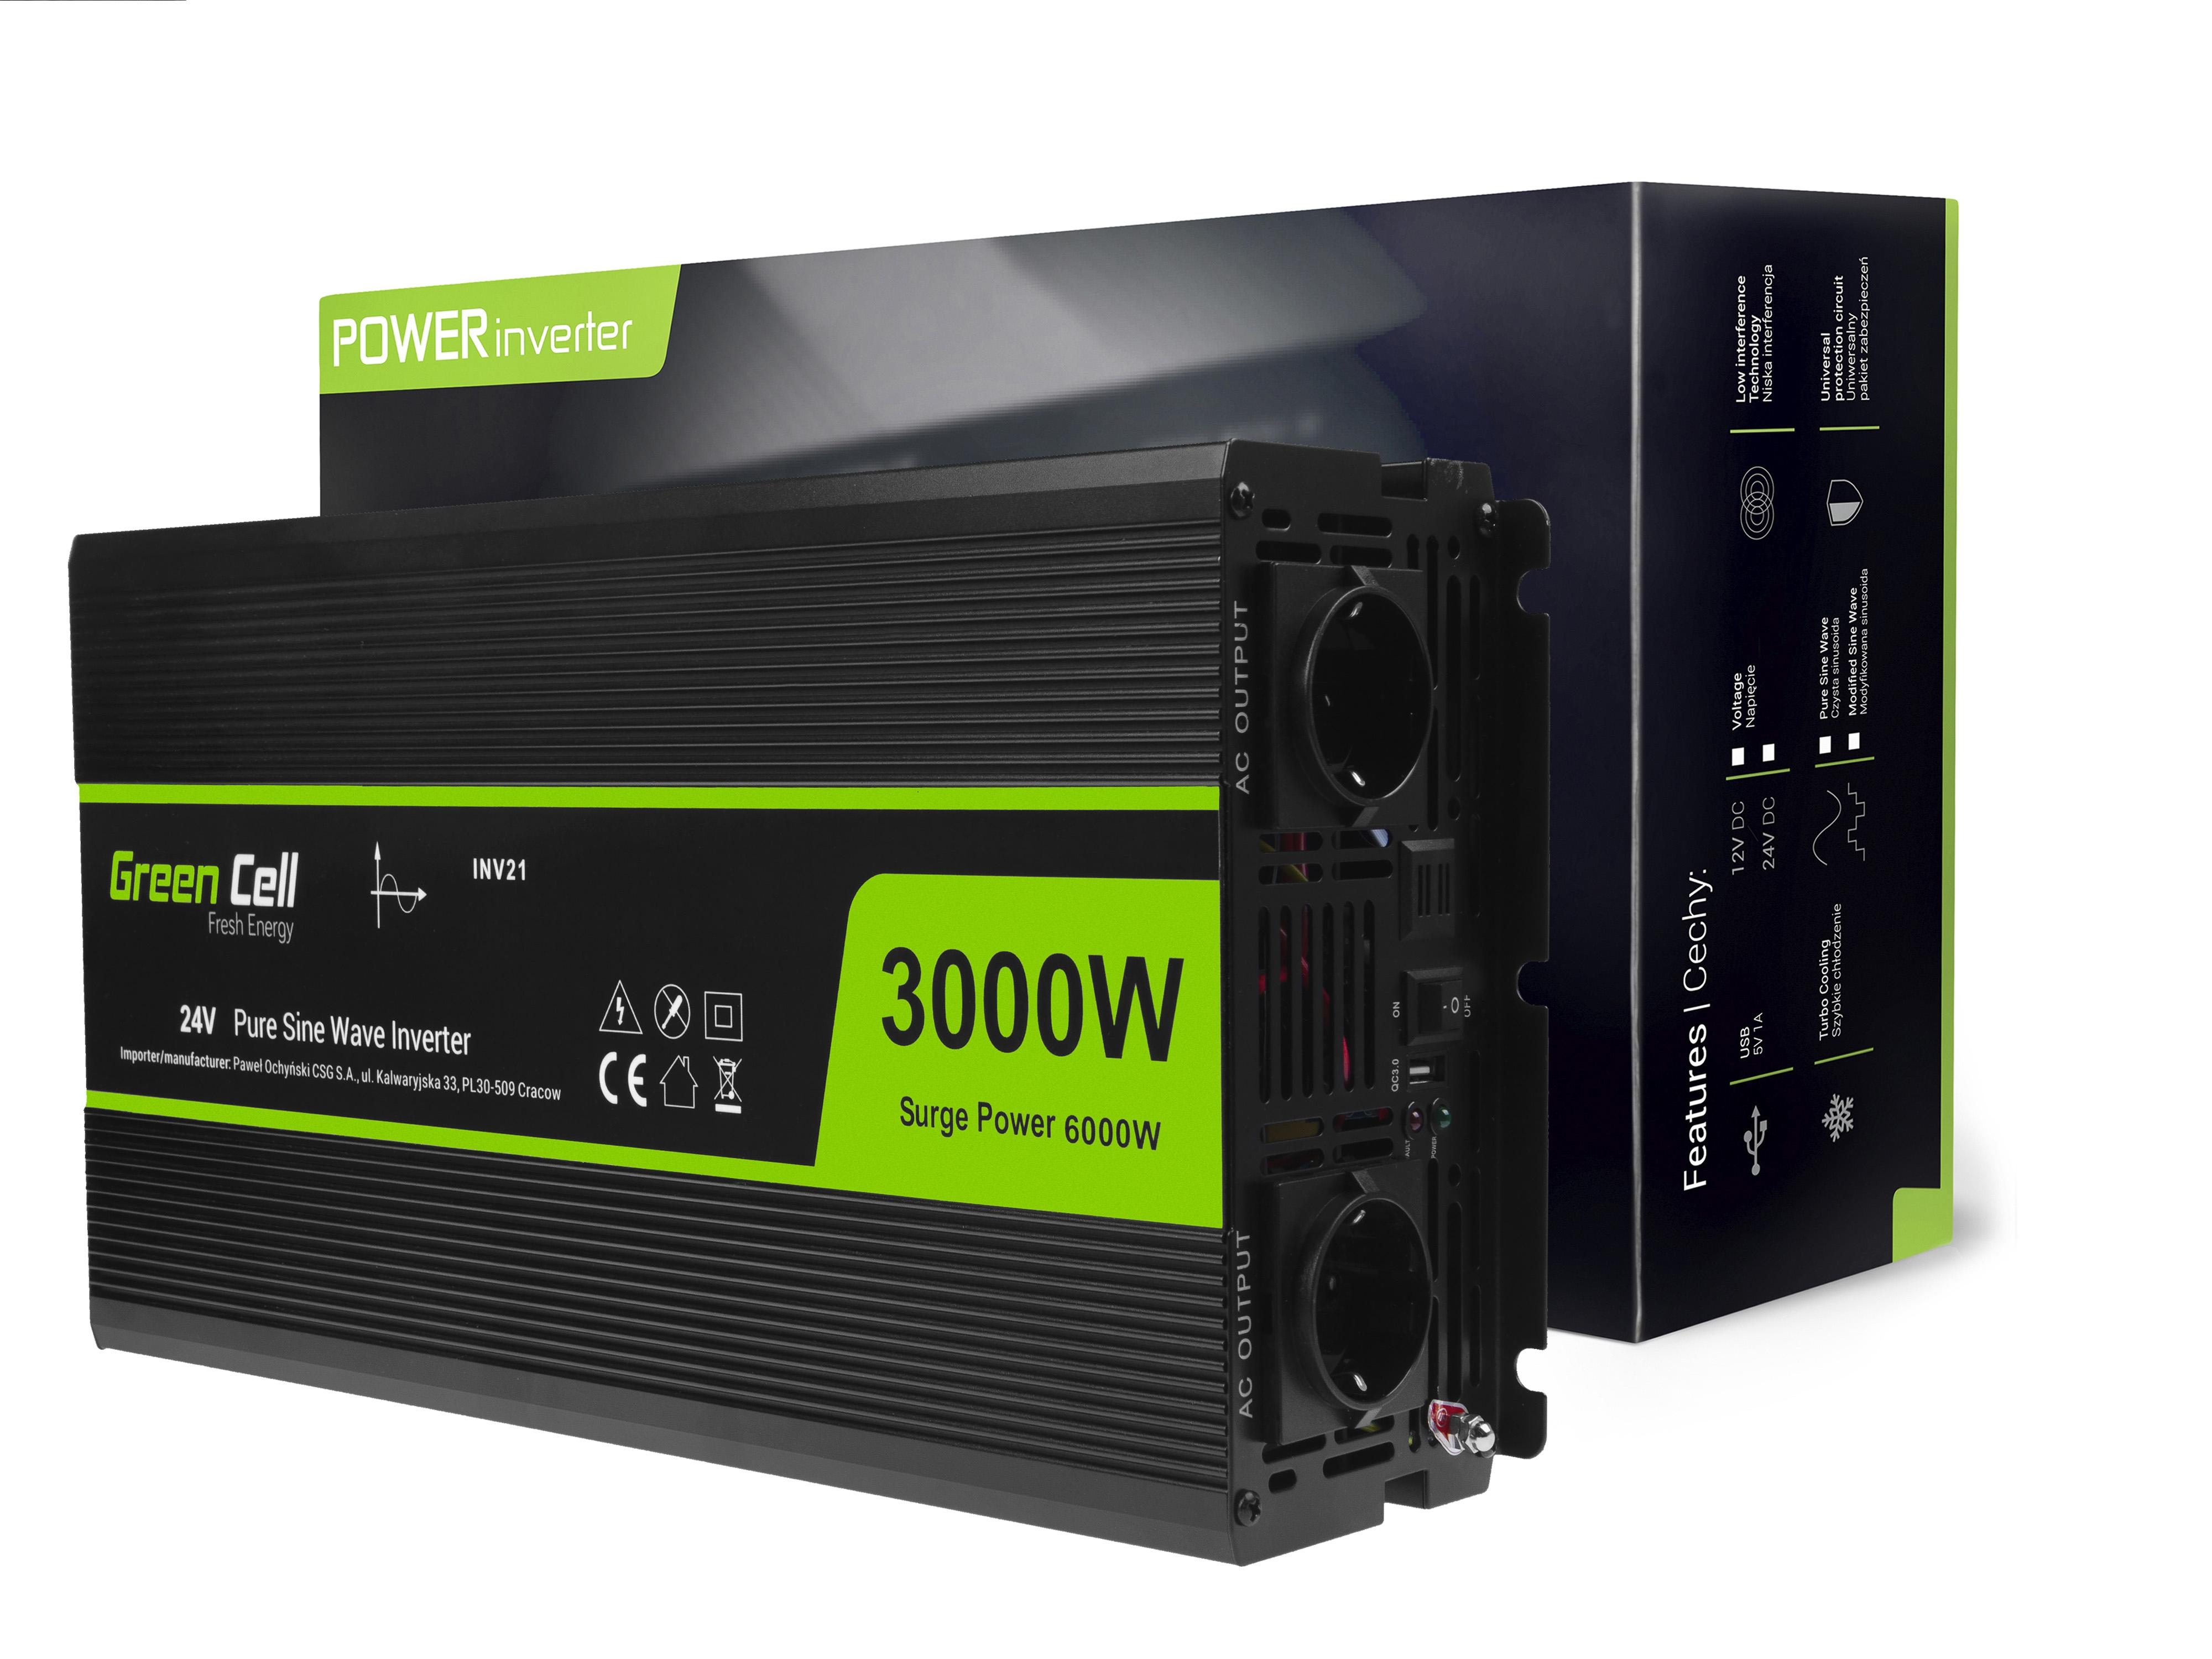 Inverter Green Cell® 24V to 230V Pure sine 3000W